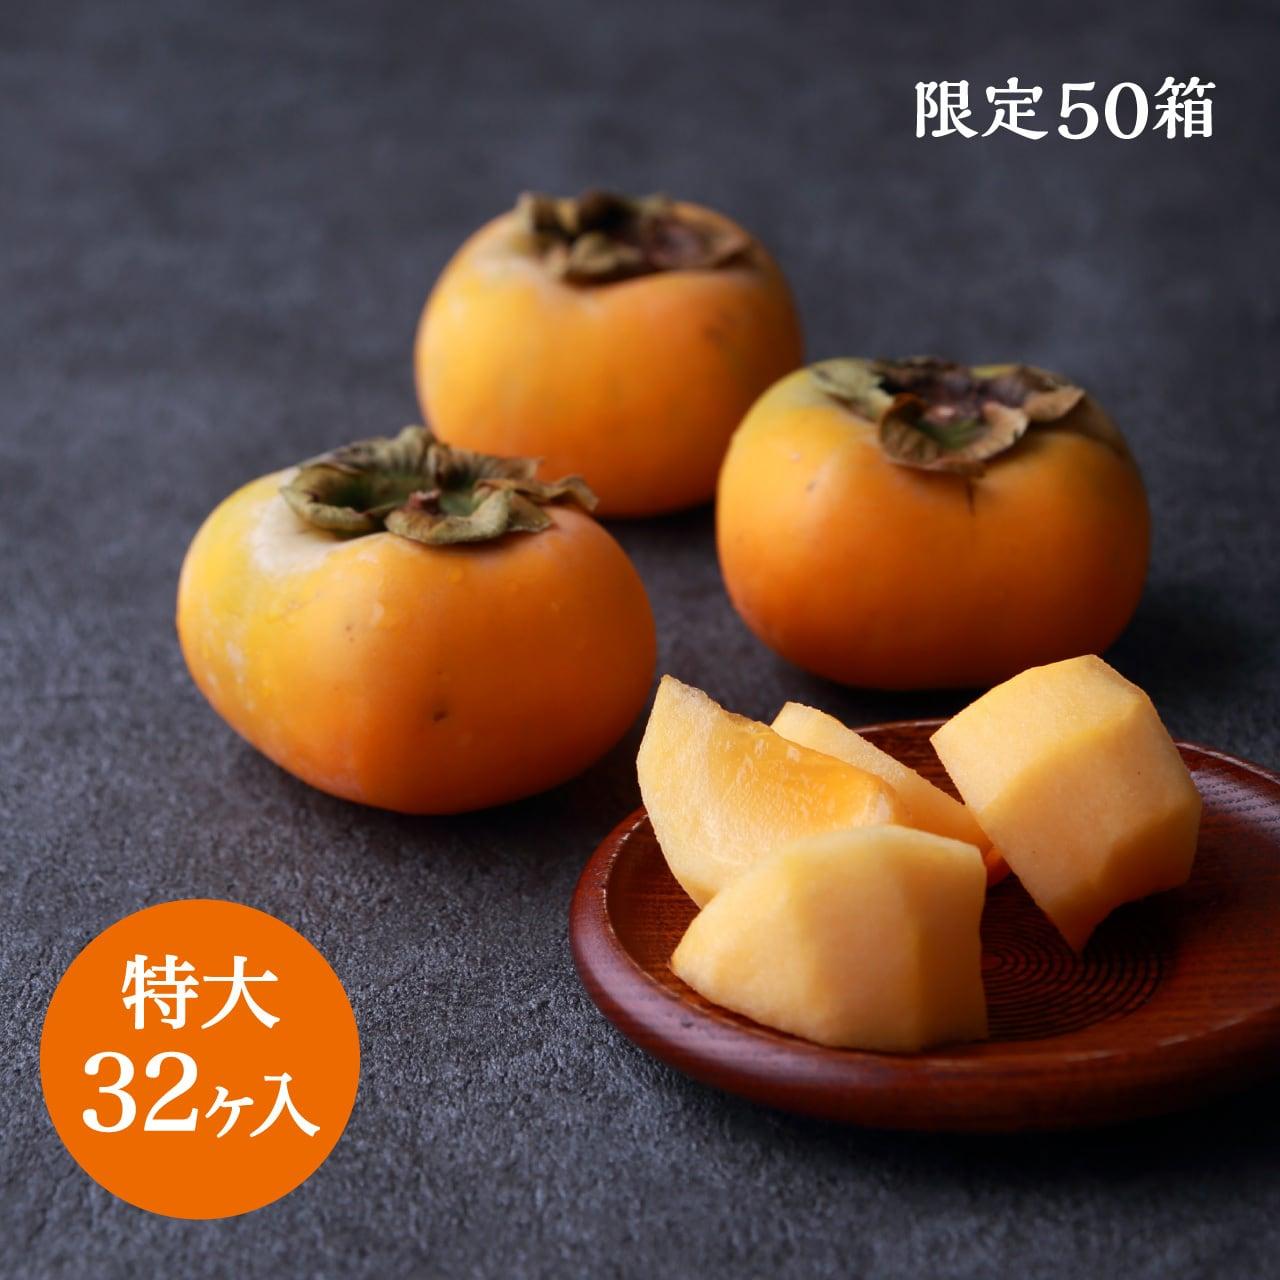 本場松ヶ岡産 庄内柿(特大 32ヶ入)